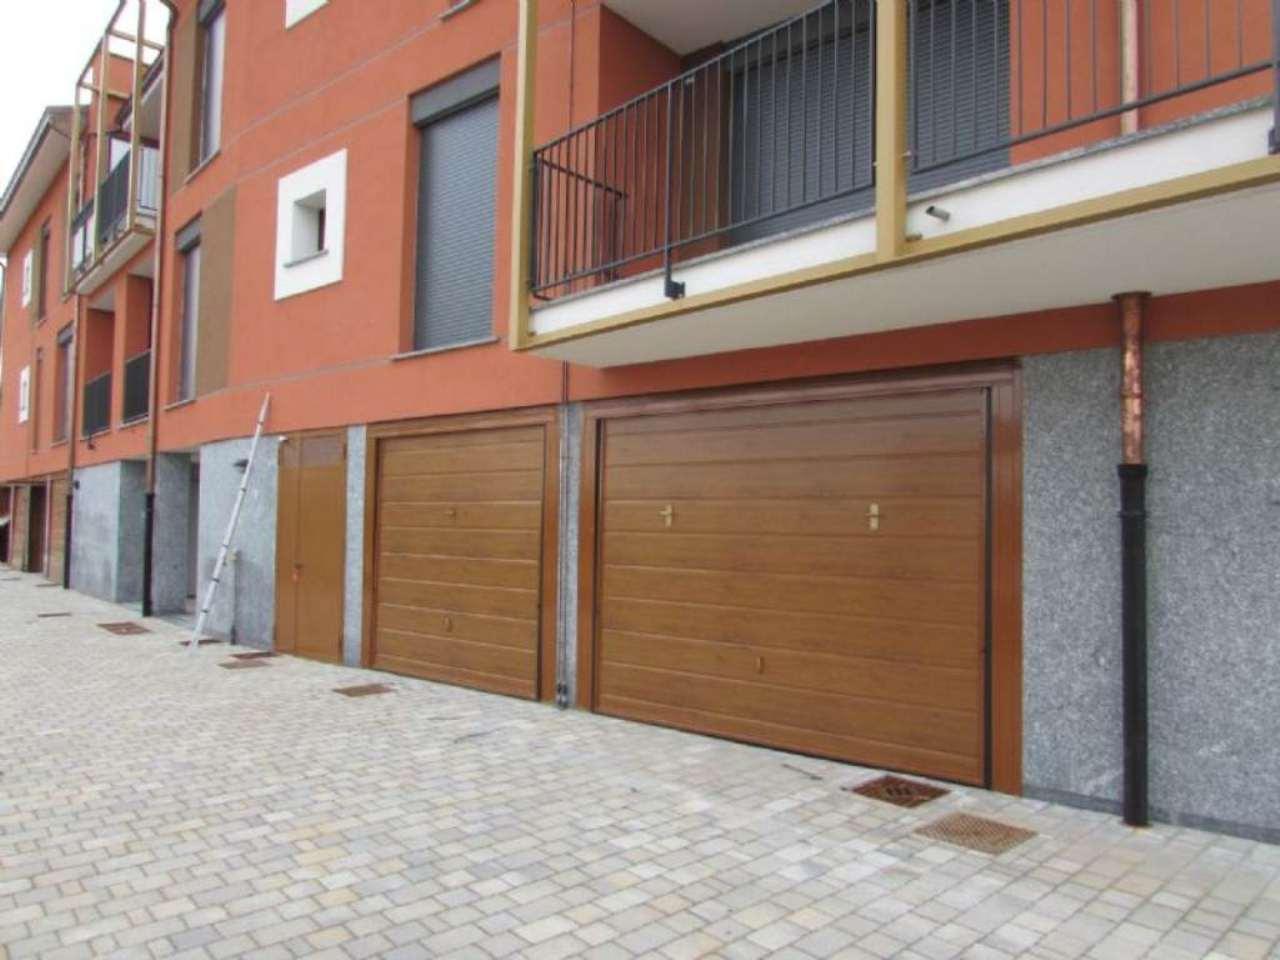 Bilocale Siziano Via Porte Rosse 5